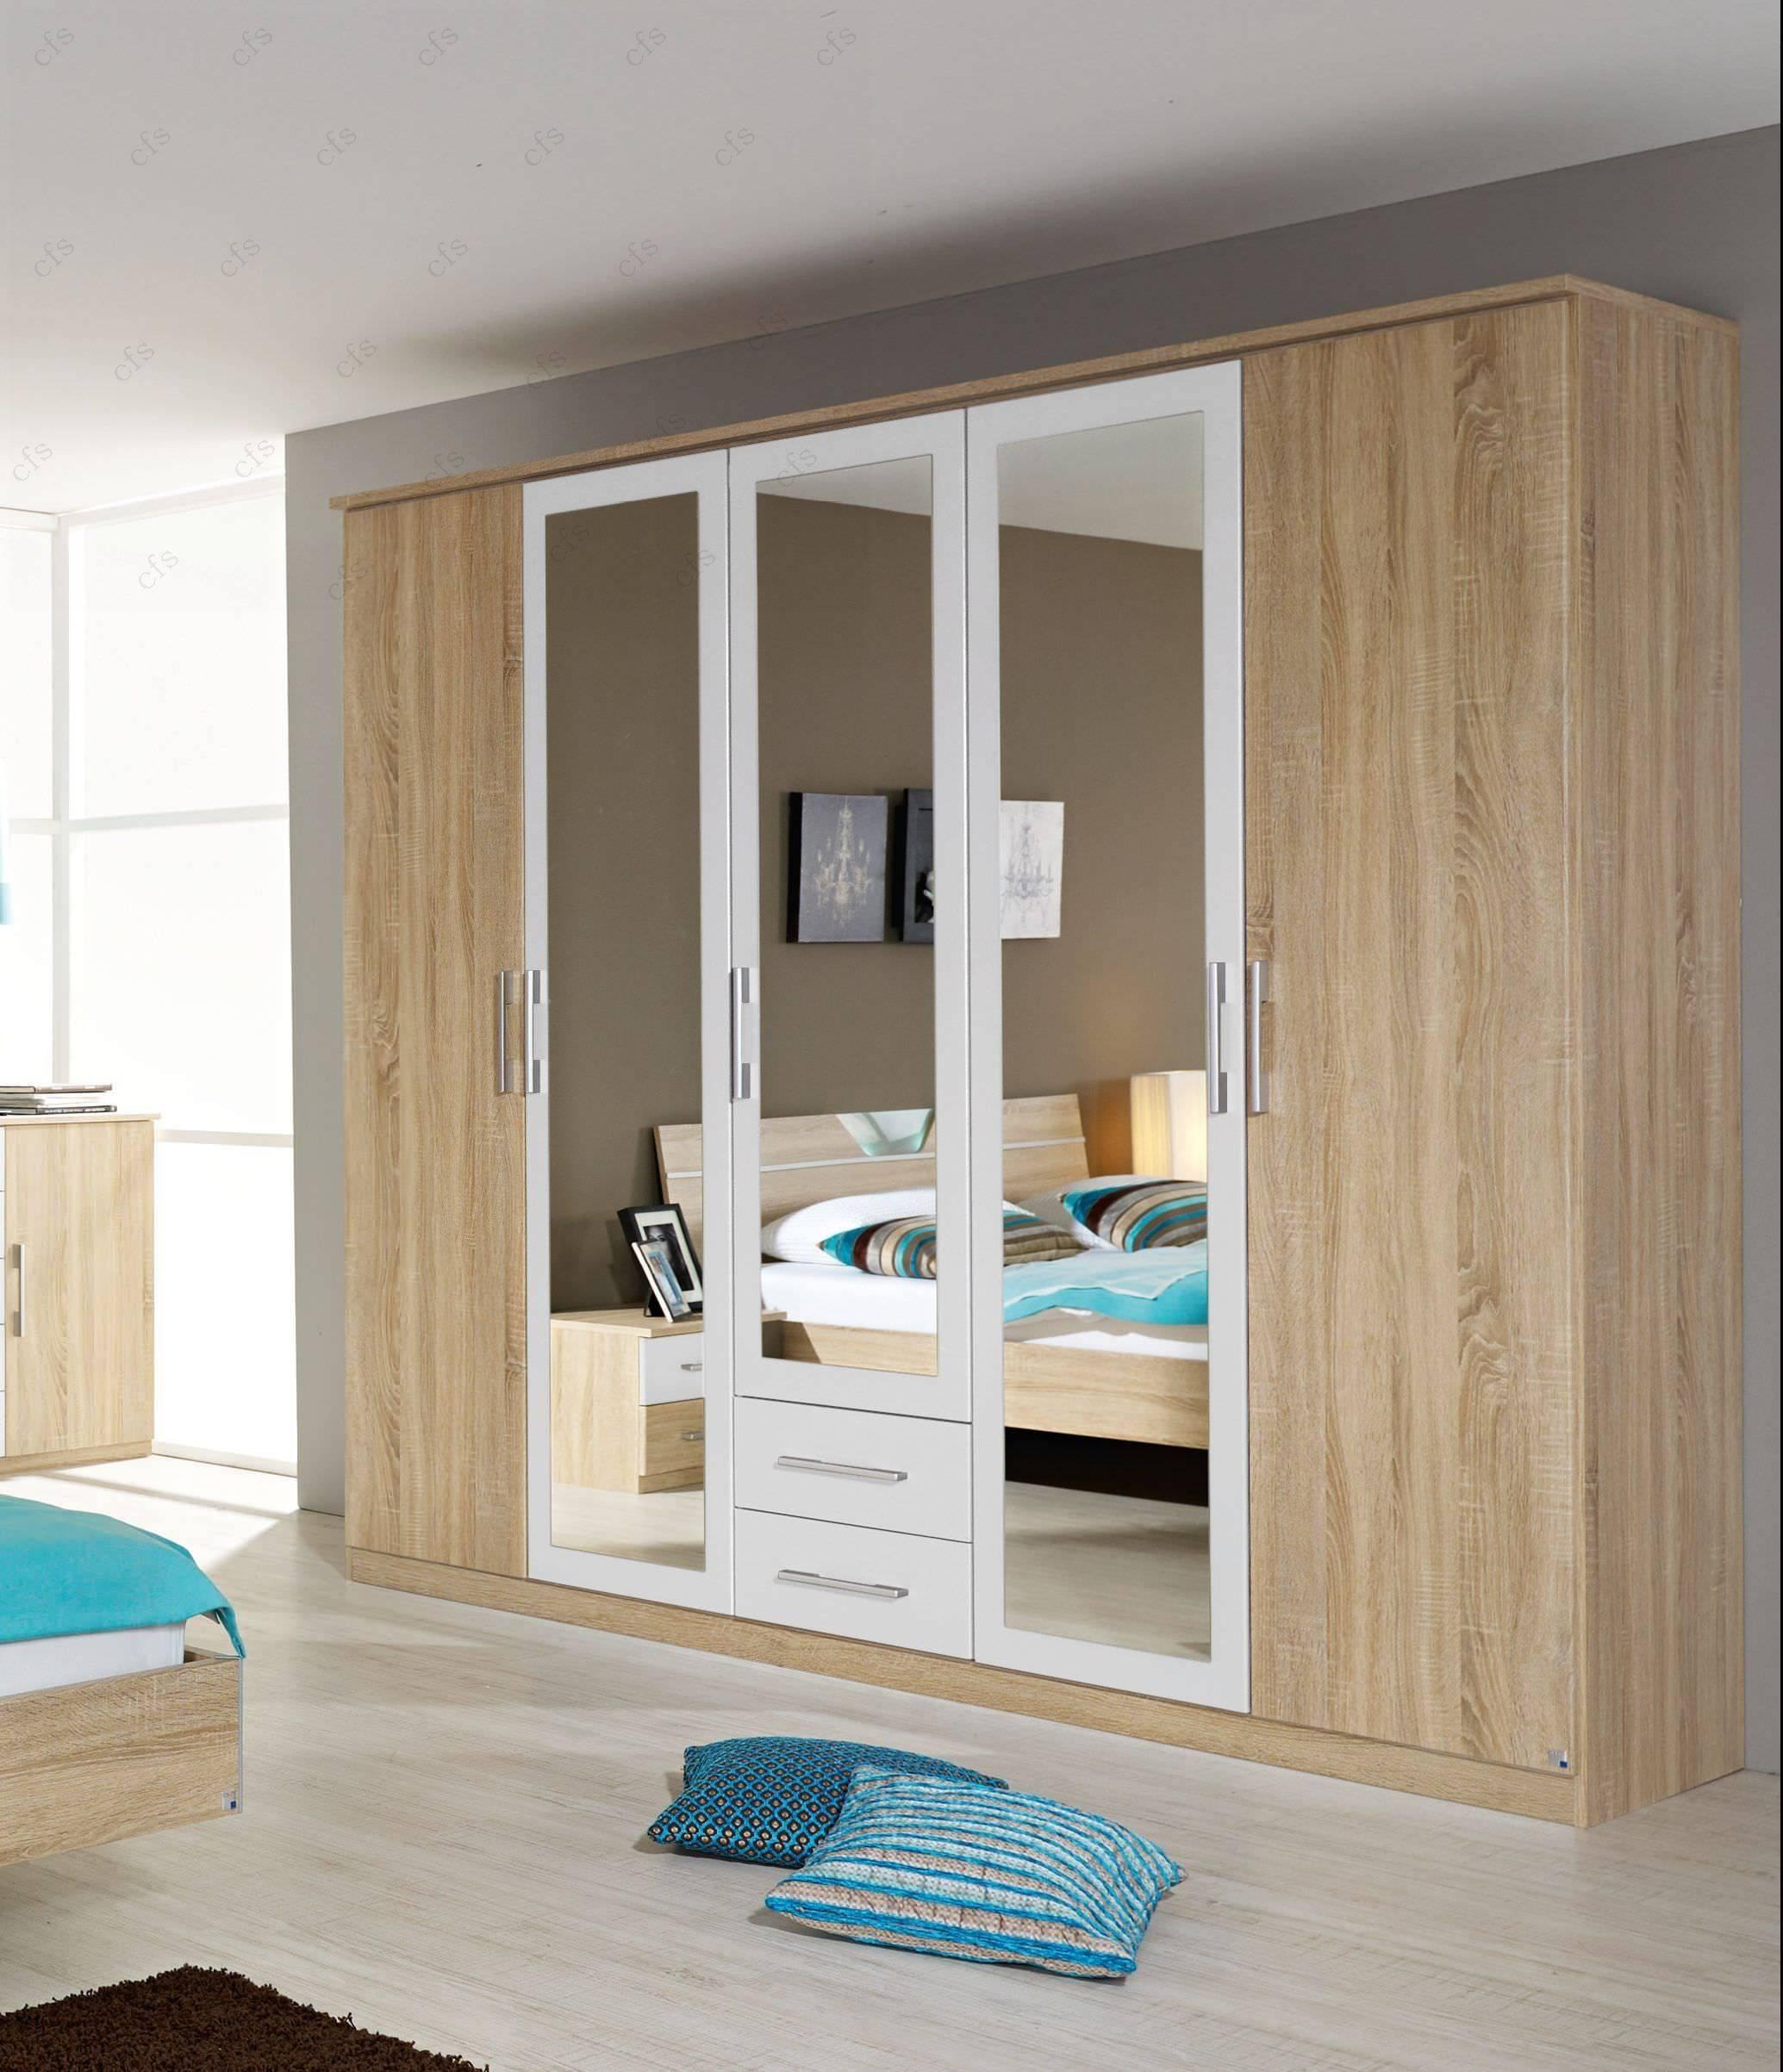 Rauch Furniture | Valence 5 Door Mirror Wardrobe | Bedsdirectuk in 5 Door Wardrobes Bedroom Furniture (Image 14 of 15)